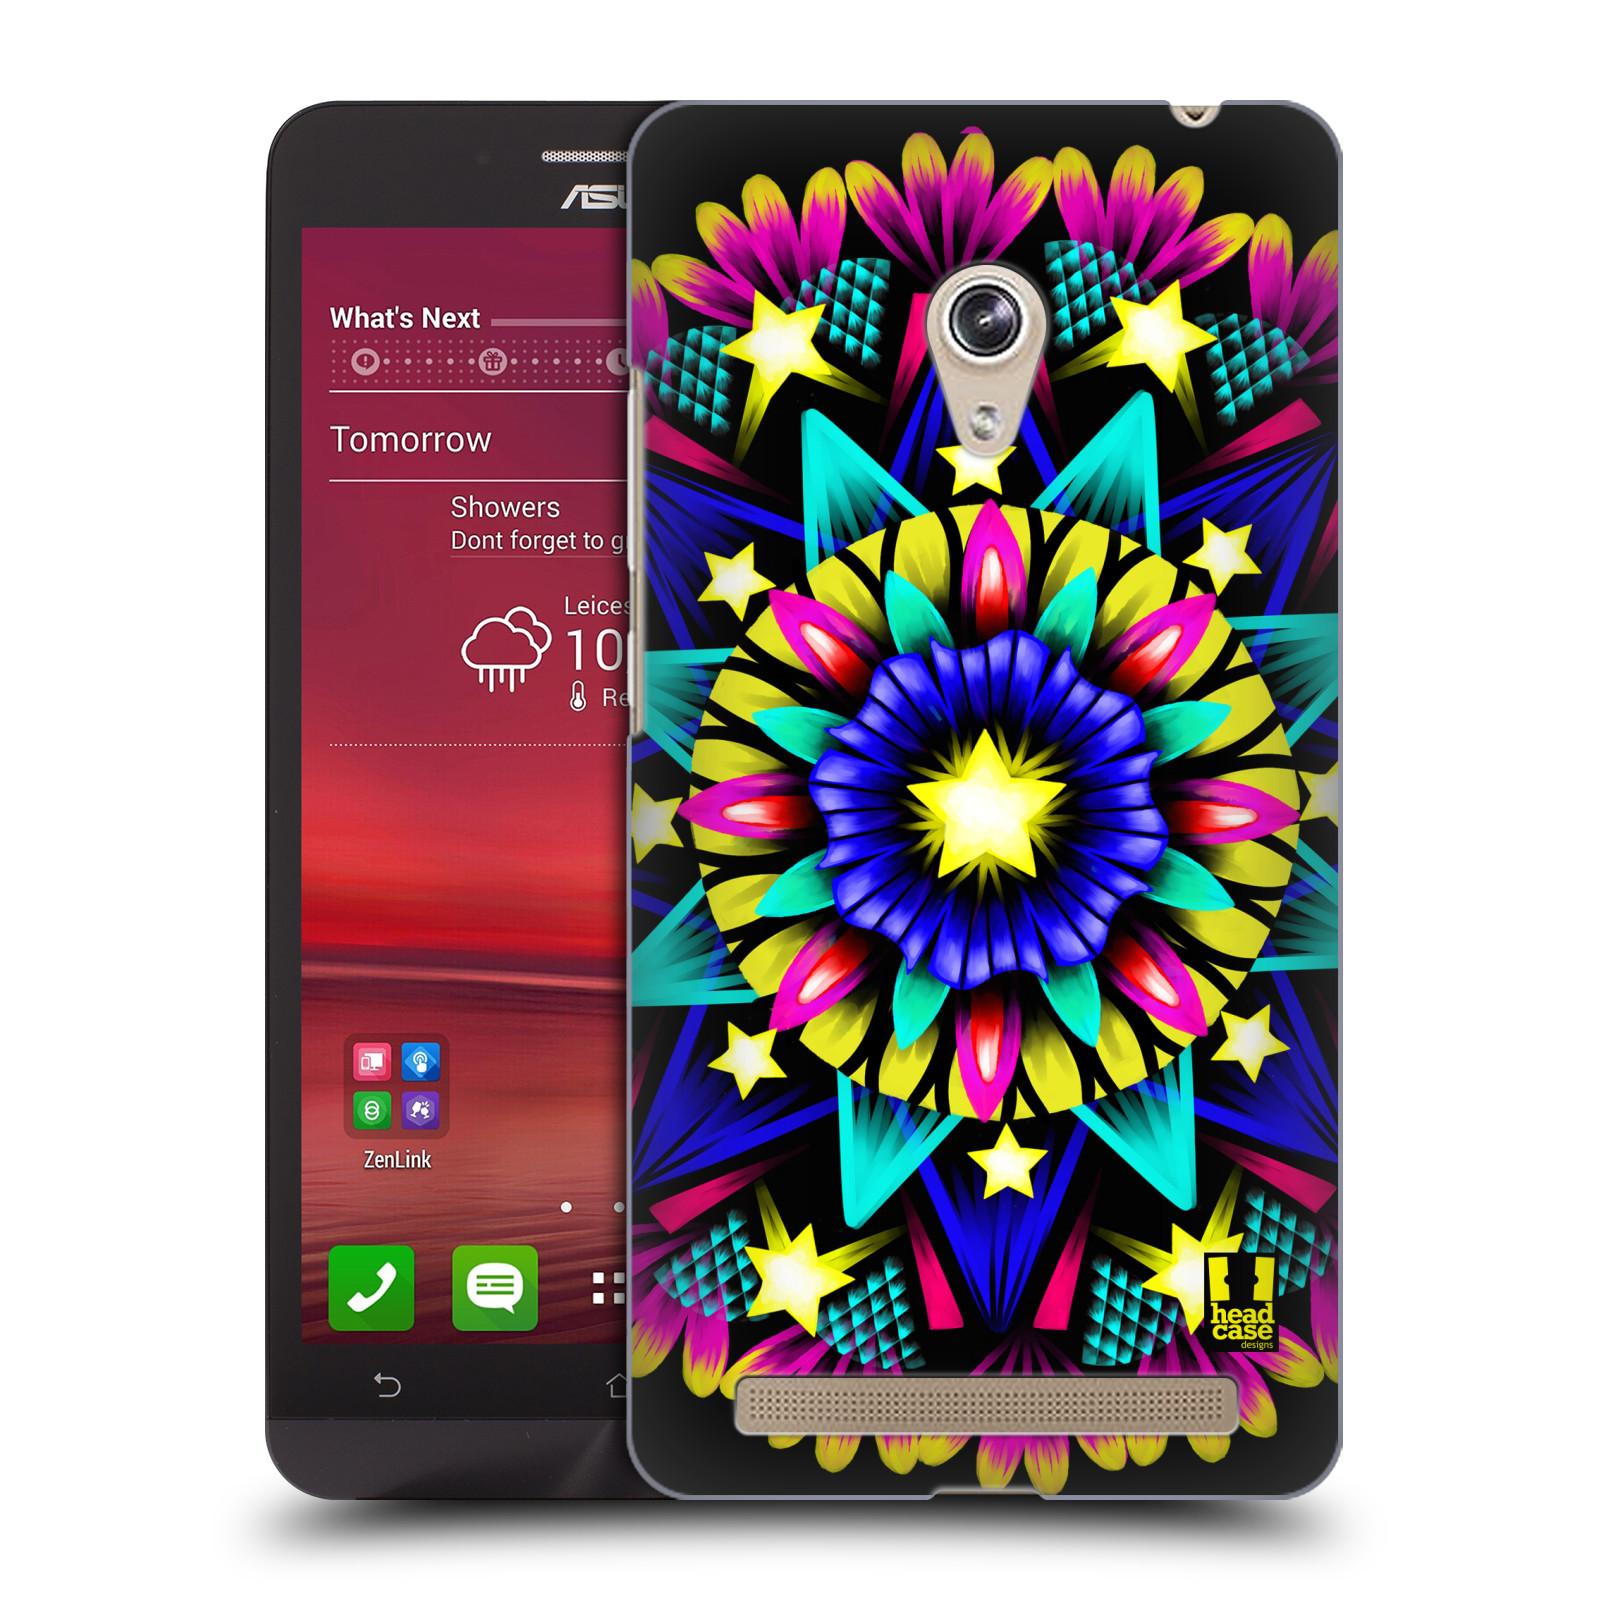 HEAD CASE plastový obal na mobil Asus Zenfone 6 vzor Indie Mandala kaleidoskop barevný vzor HVĚZDA